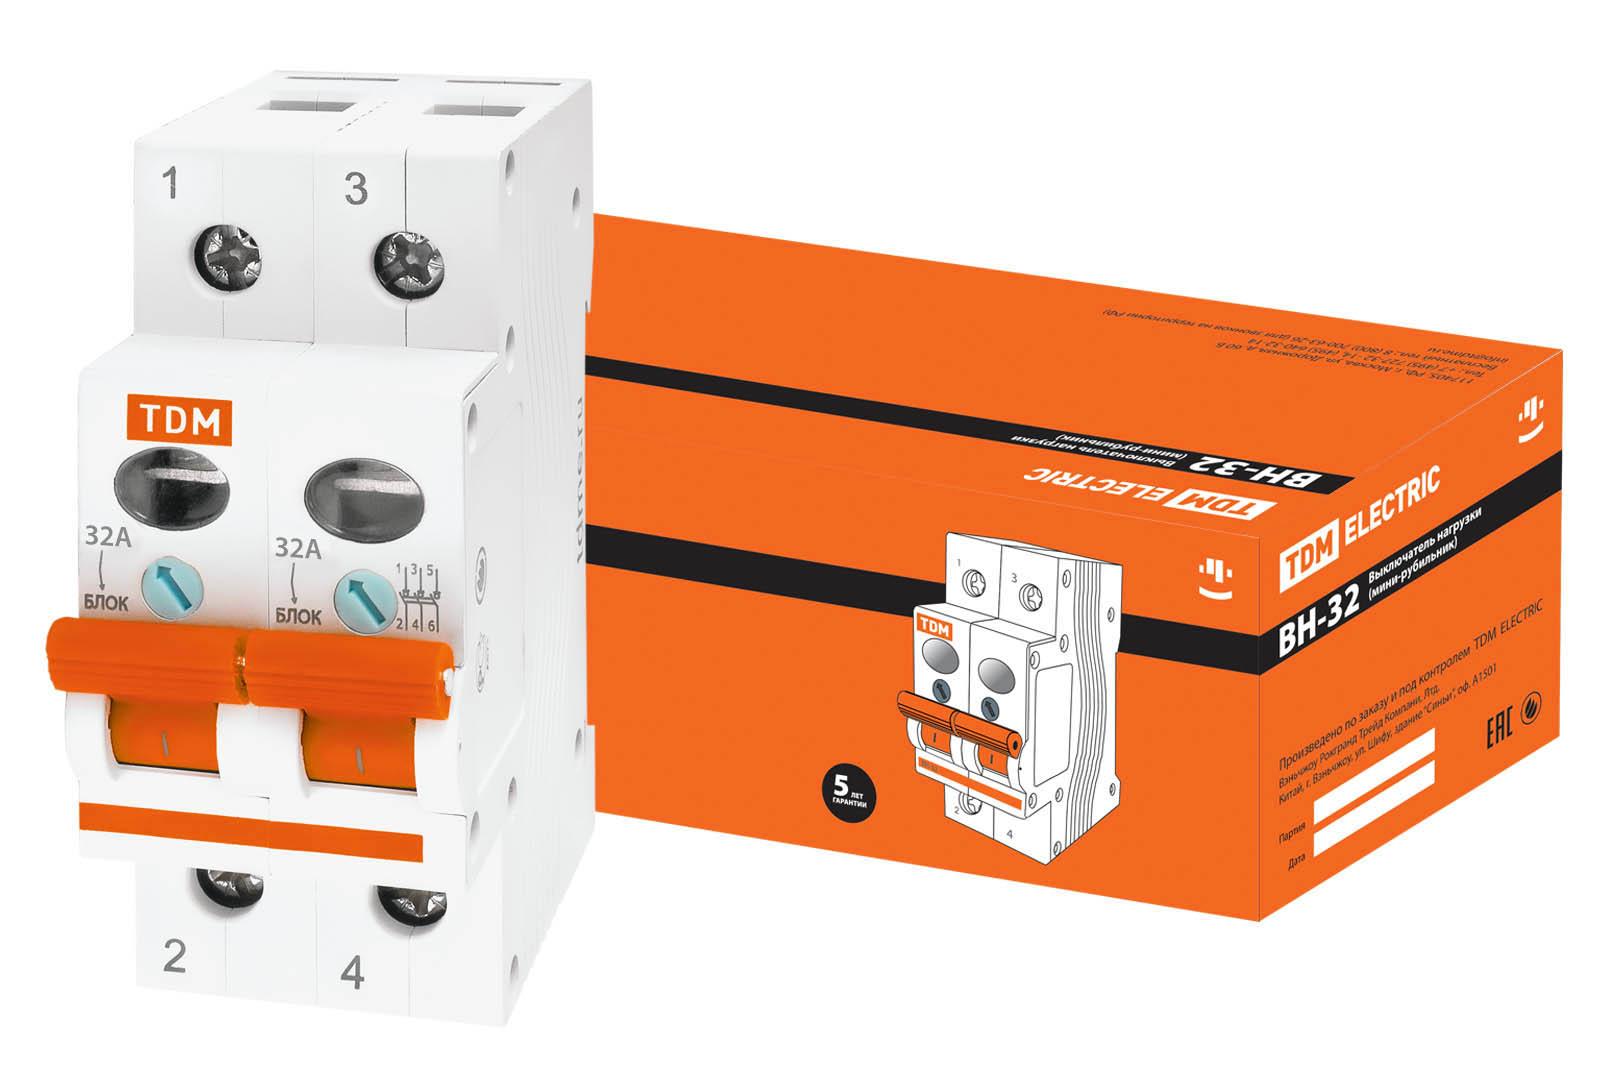 Рубильник Tdm Sq0211-0014 tdm выключатель нагрузки мини рубильник вн 32 3p 63a sq0211 0027